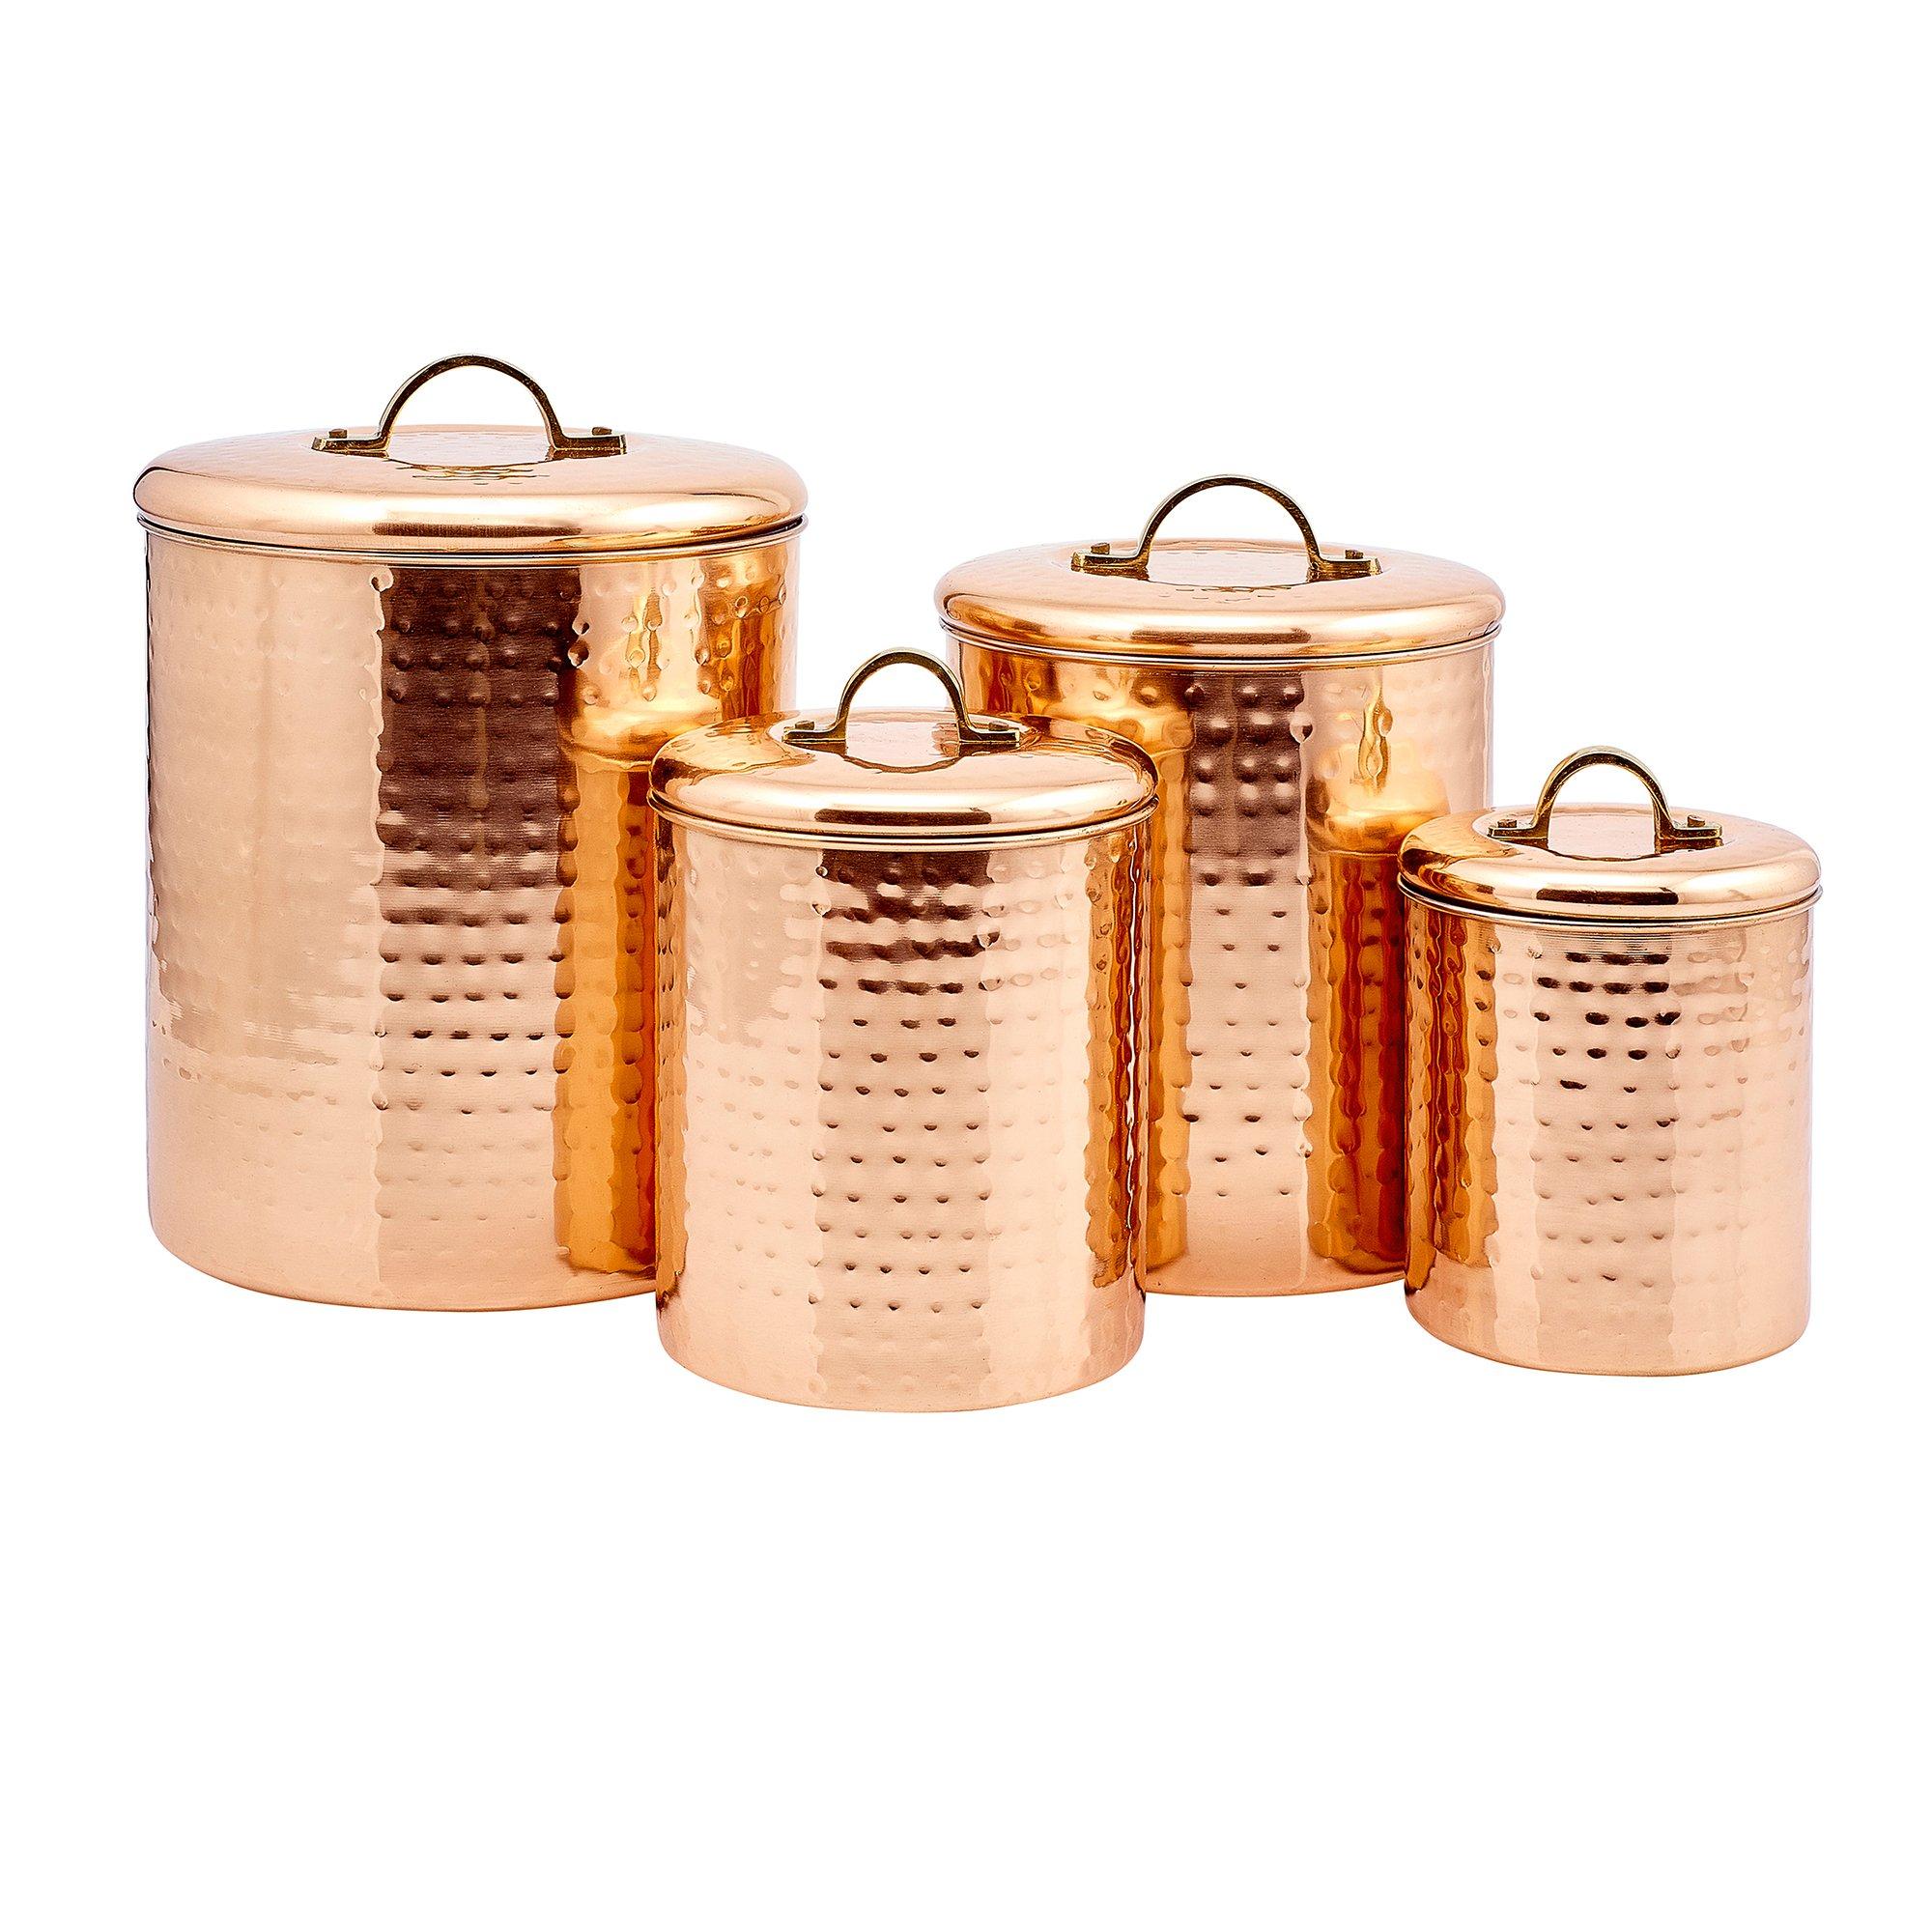 Old Dutch International 843 Canister Set, 4Qt, 2Qt, 1½Qt,1Qt, copper by Old Dutch